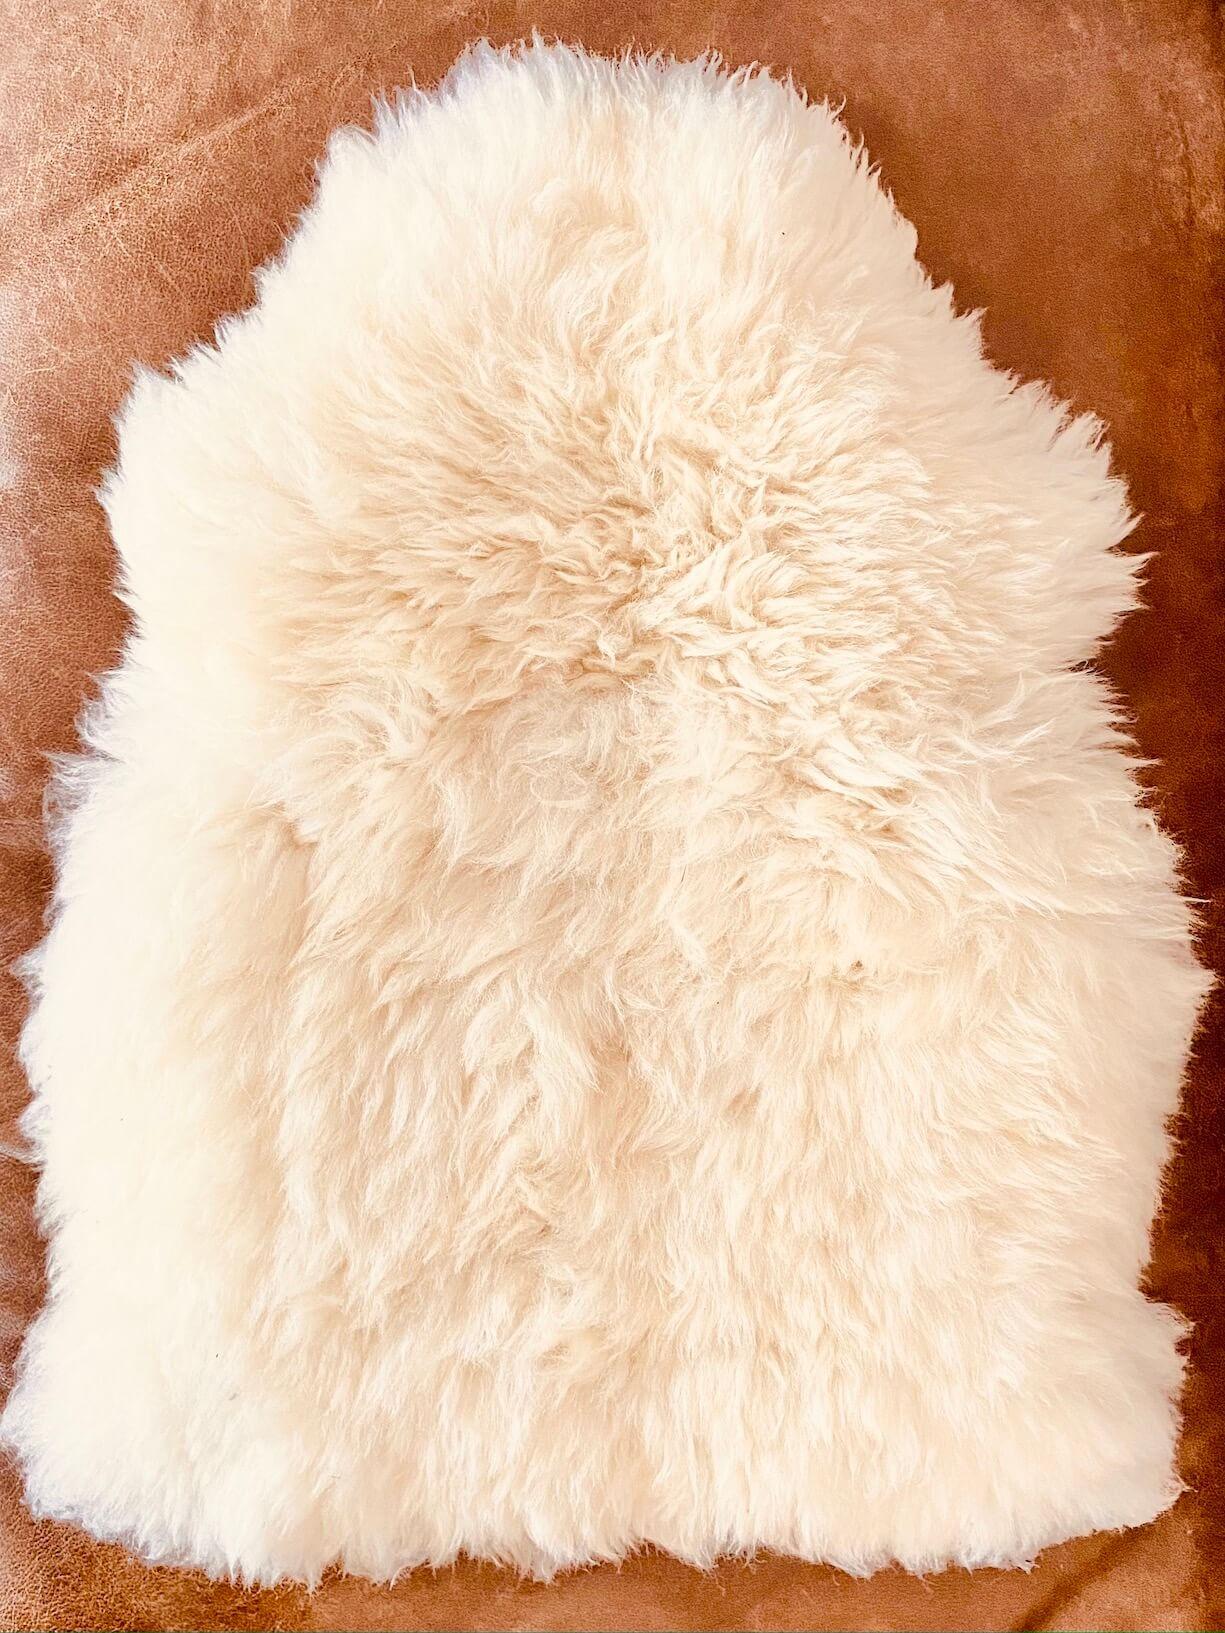 Schafsfell auf braunem Ledersofa